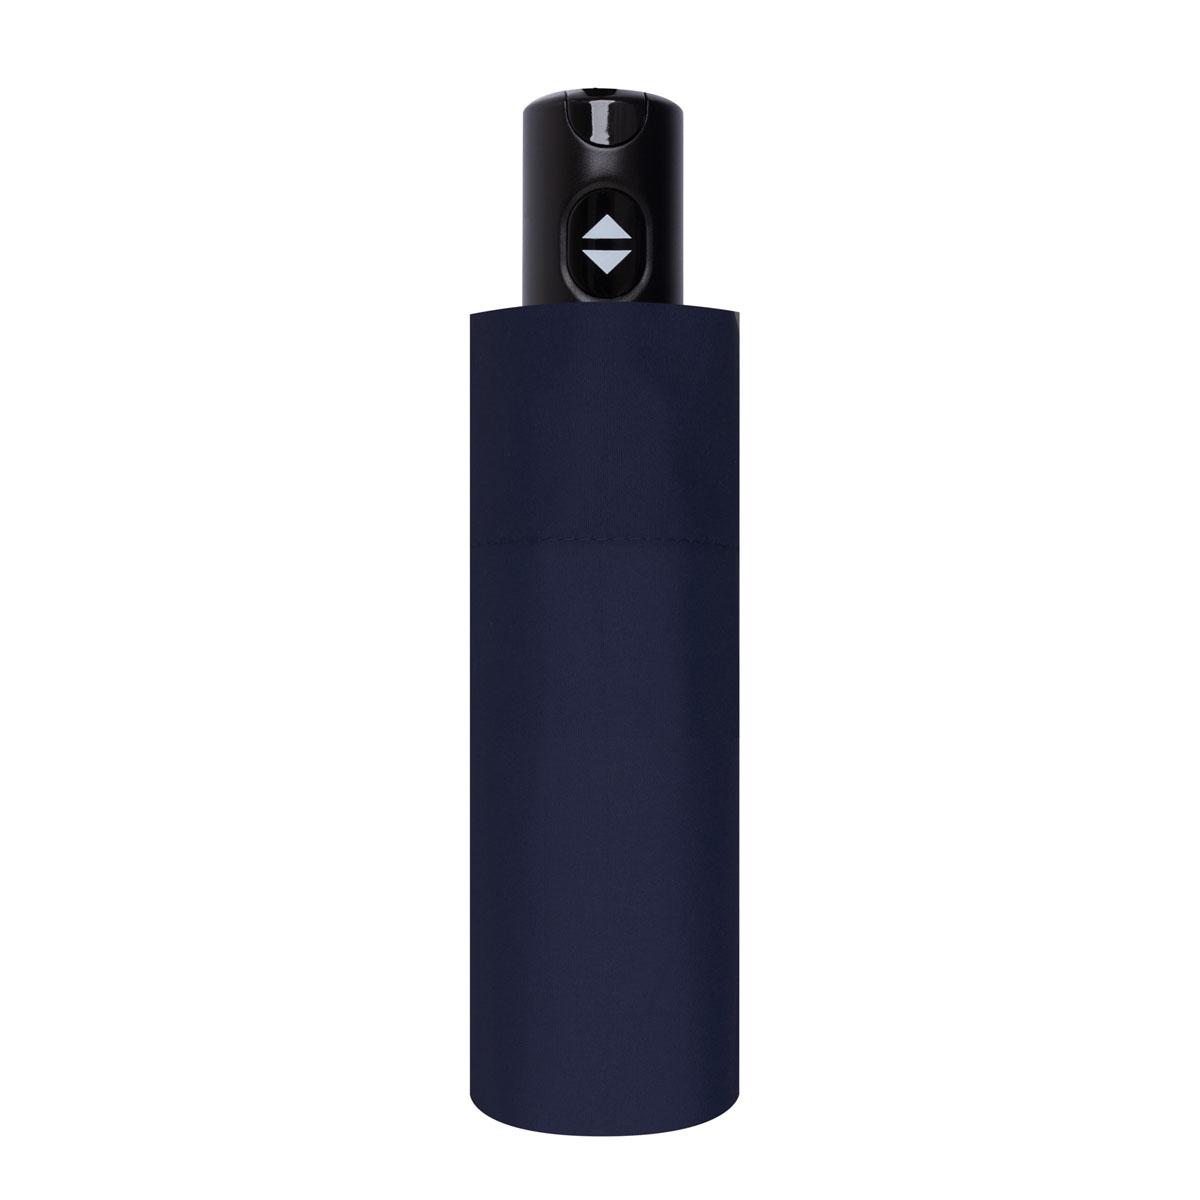 Doppler Magic XS Carbonsteel tmavě modrý - dámský/pánský plně-automatický deštník